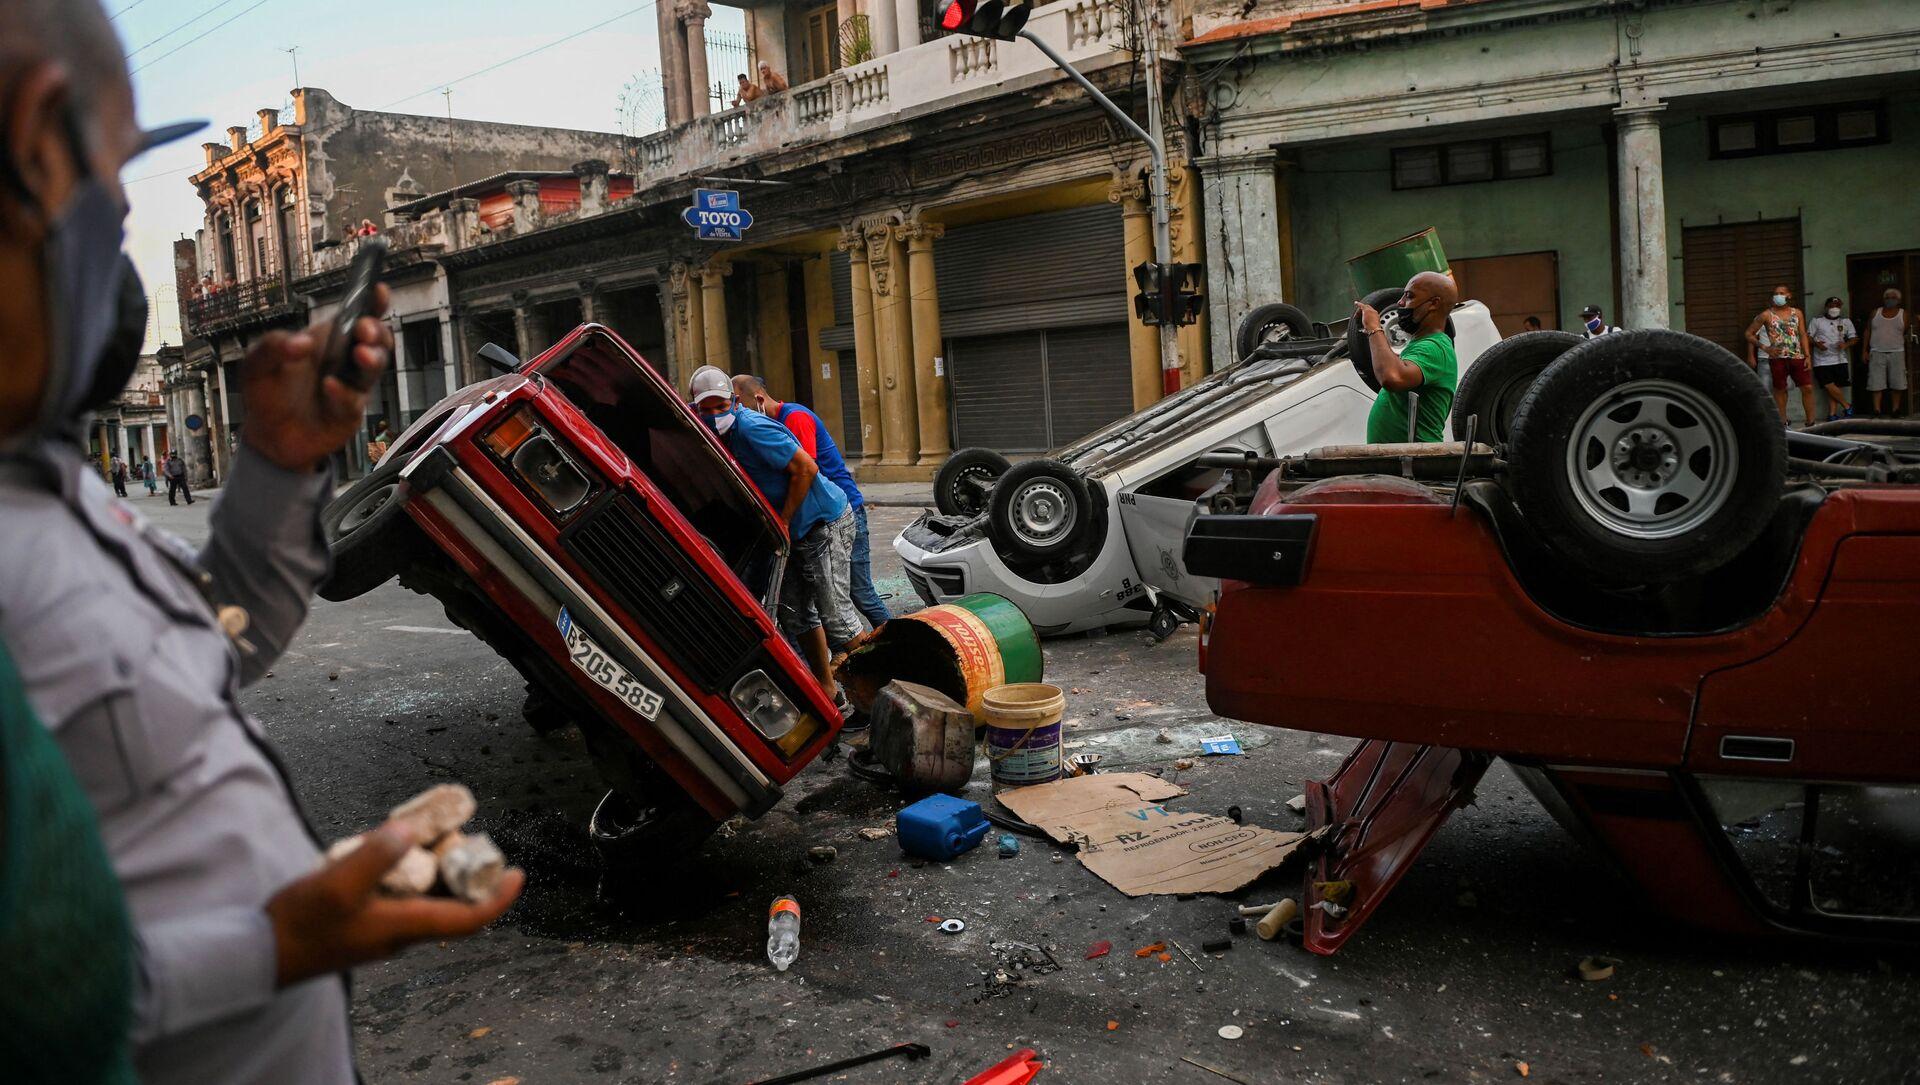 Những chiếc ô tô bị lật trong lúc xảy ra biểu tình ở Havana - Sputnik Việt Nam, 1920, 17.07.2021